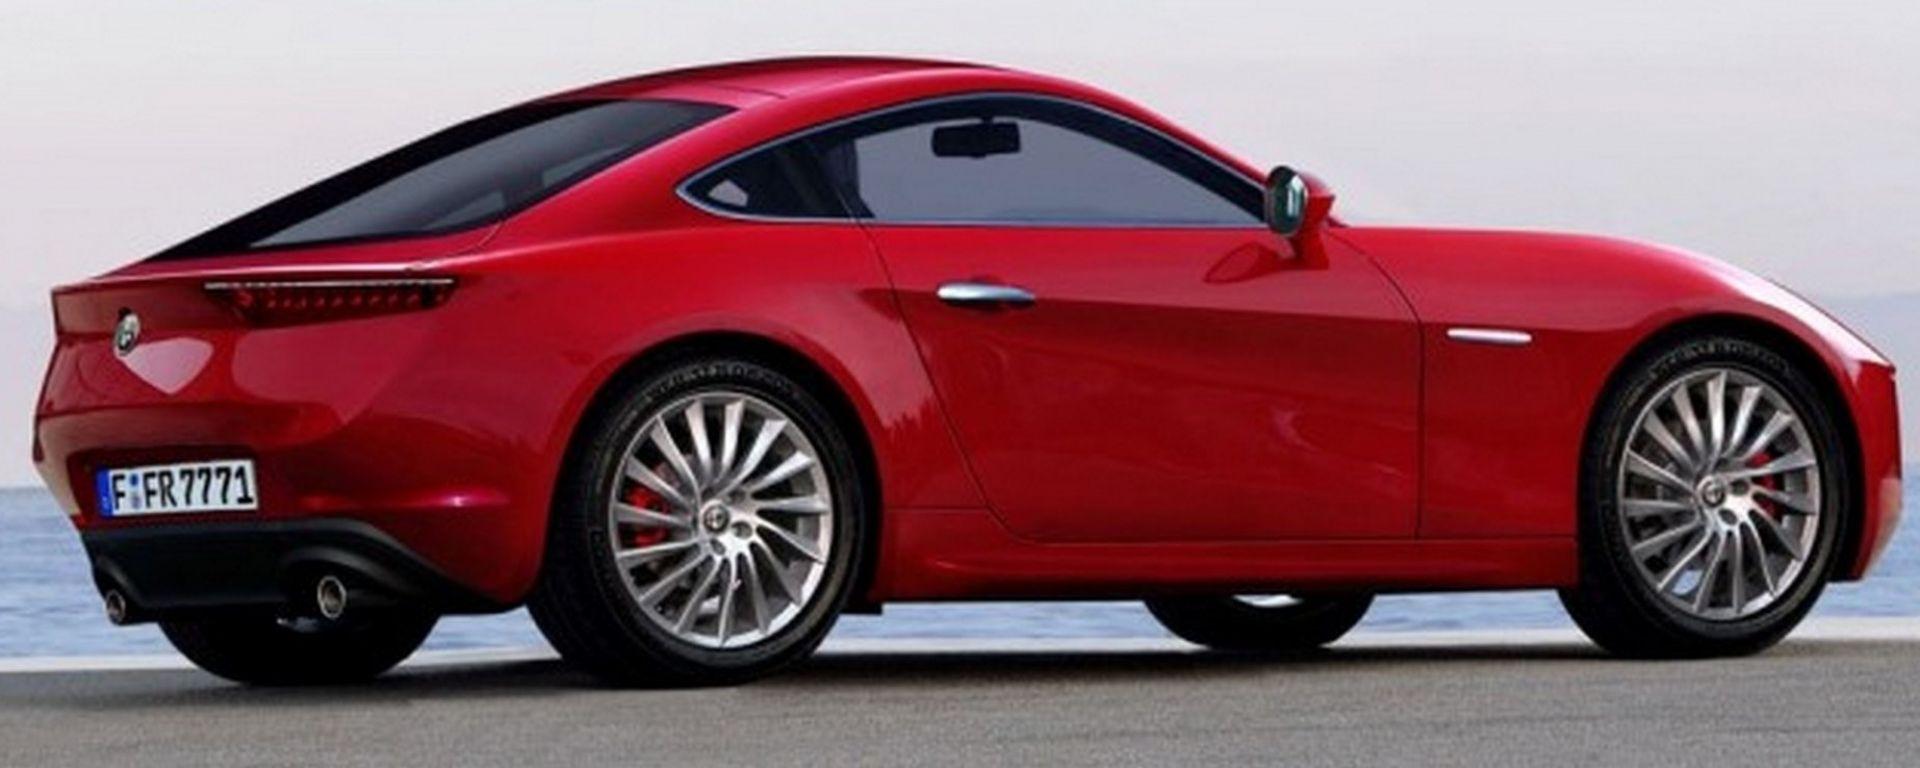 Nuova Alfa Romeo Gtv Quali Motori E Tempi Di Uscita Anche